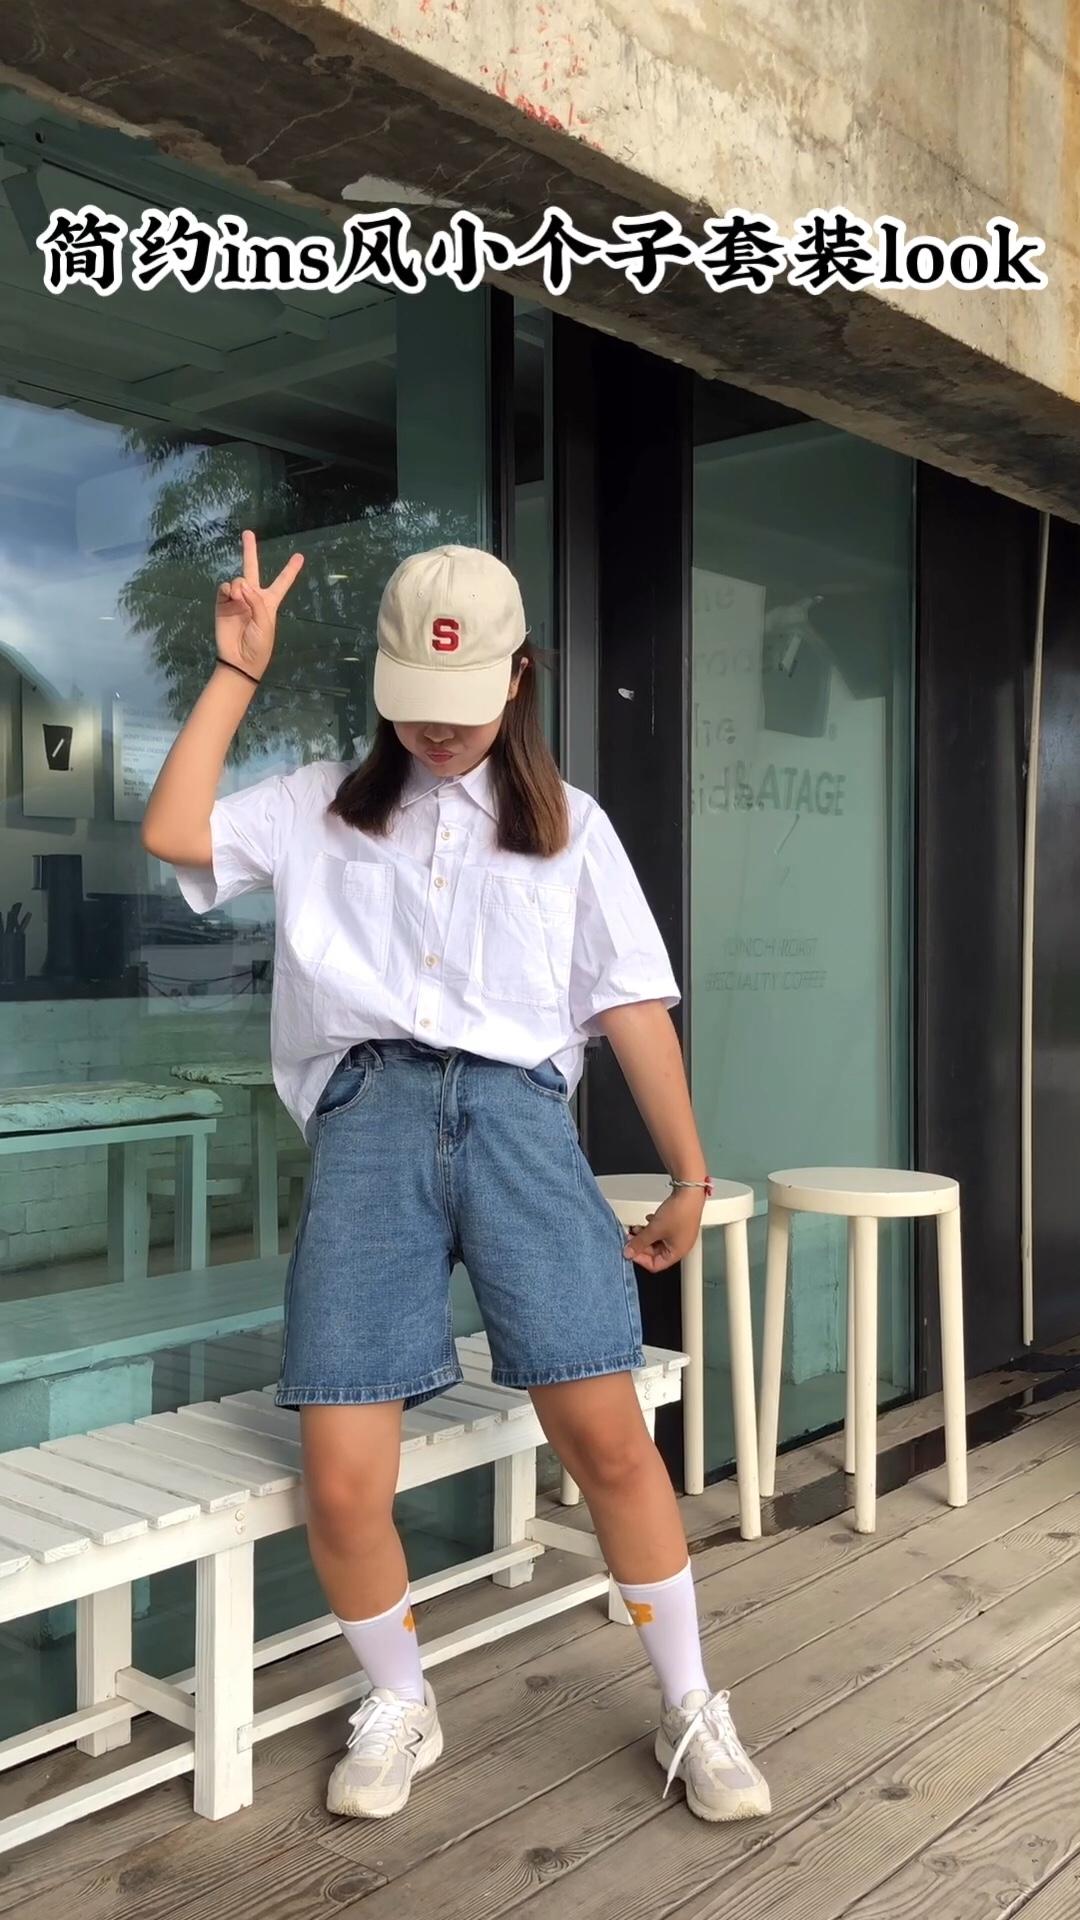 #长高10cm:腰线拉高术!# 五分牛仔短裤, 白色线条衬衫, S棒球帽, 新百伦运动鞋, 花朵五分袜 整体风格ins运动风,简约清新,而且很舒服。